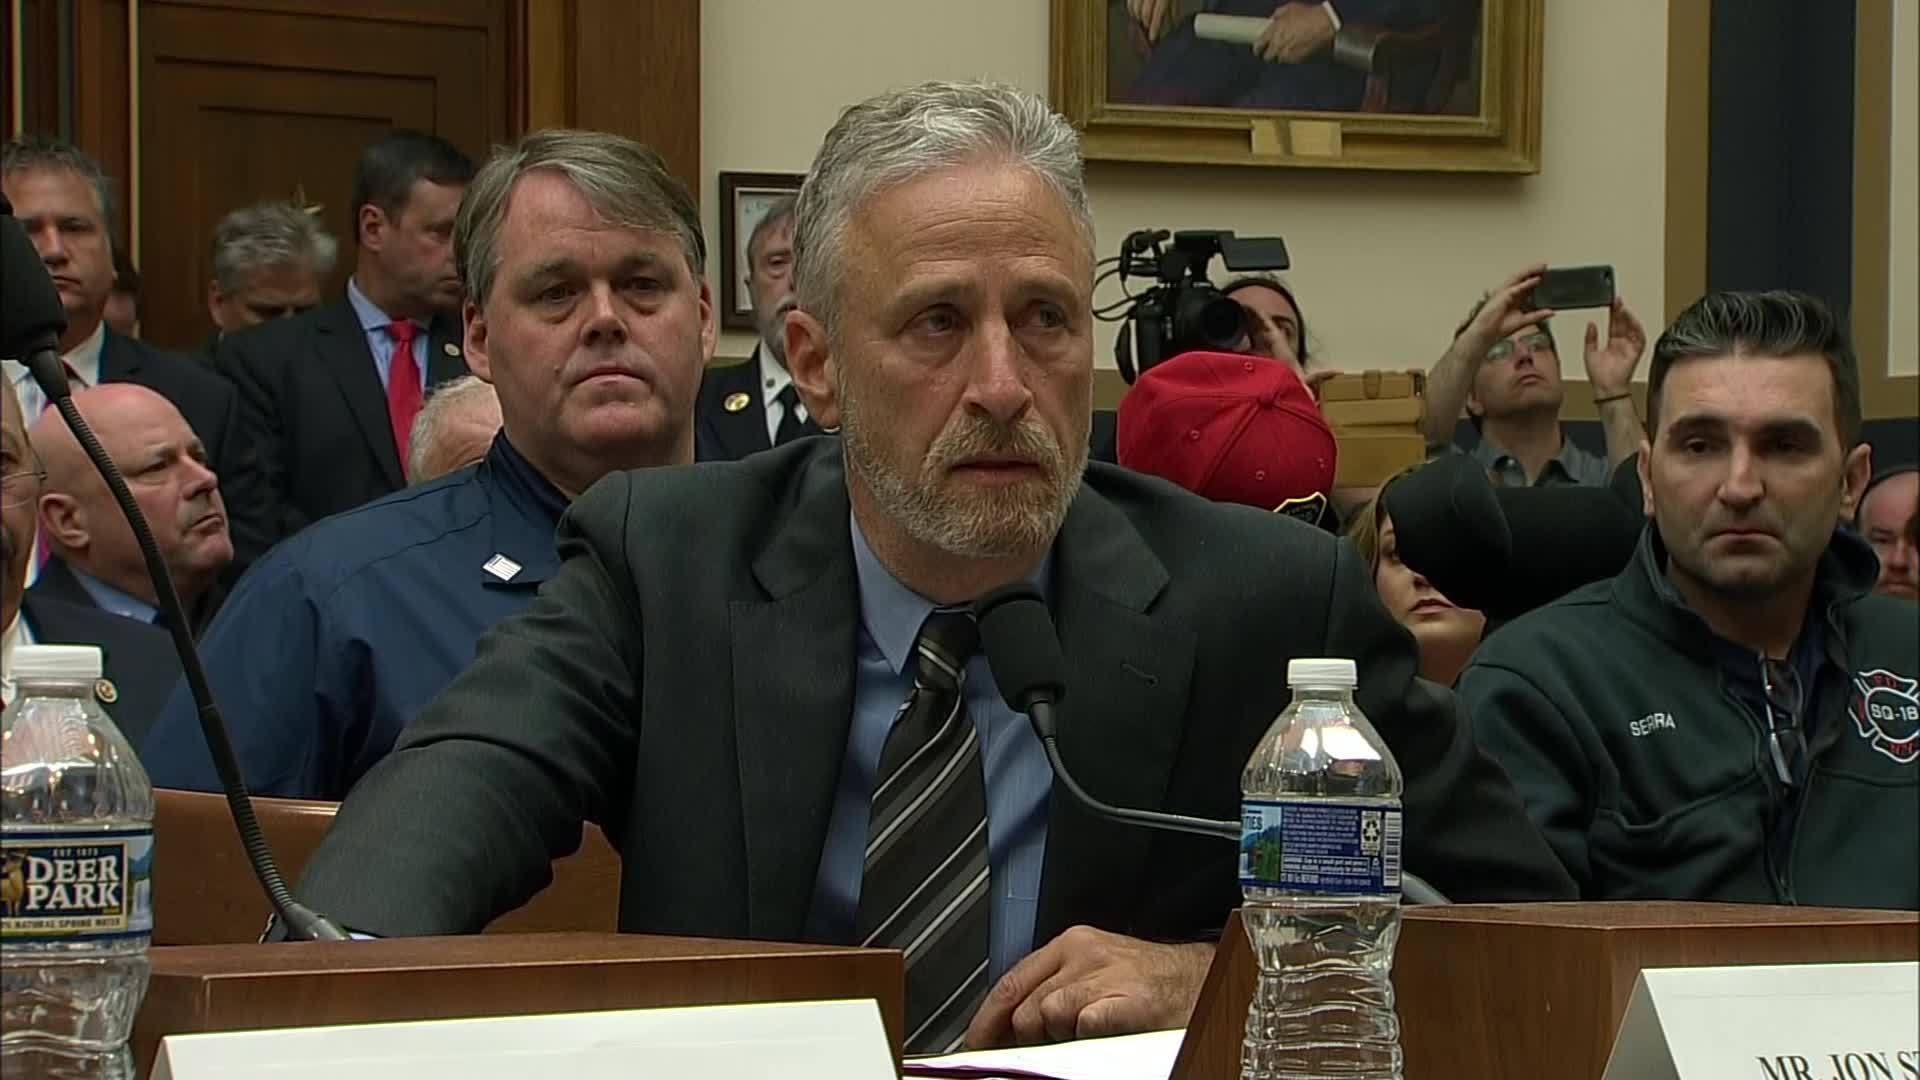 Jon Stewart testifies at 9/11 Victim Funds hearing